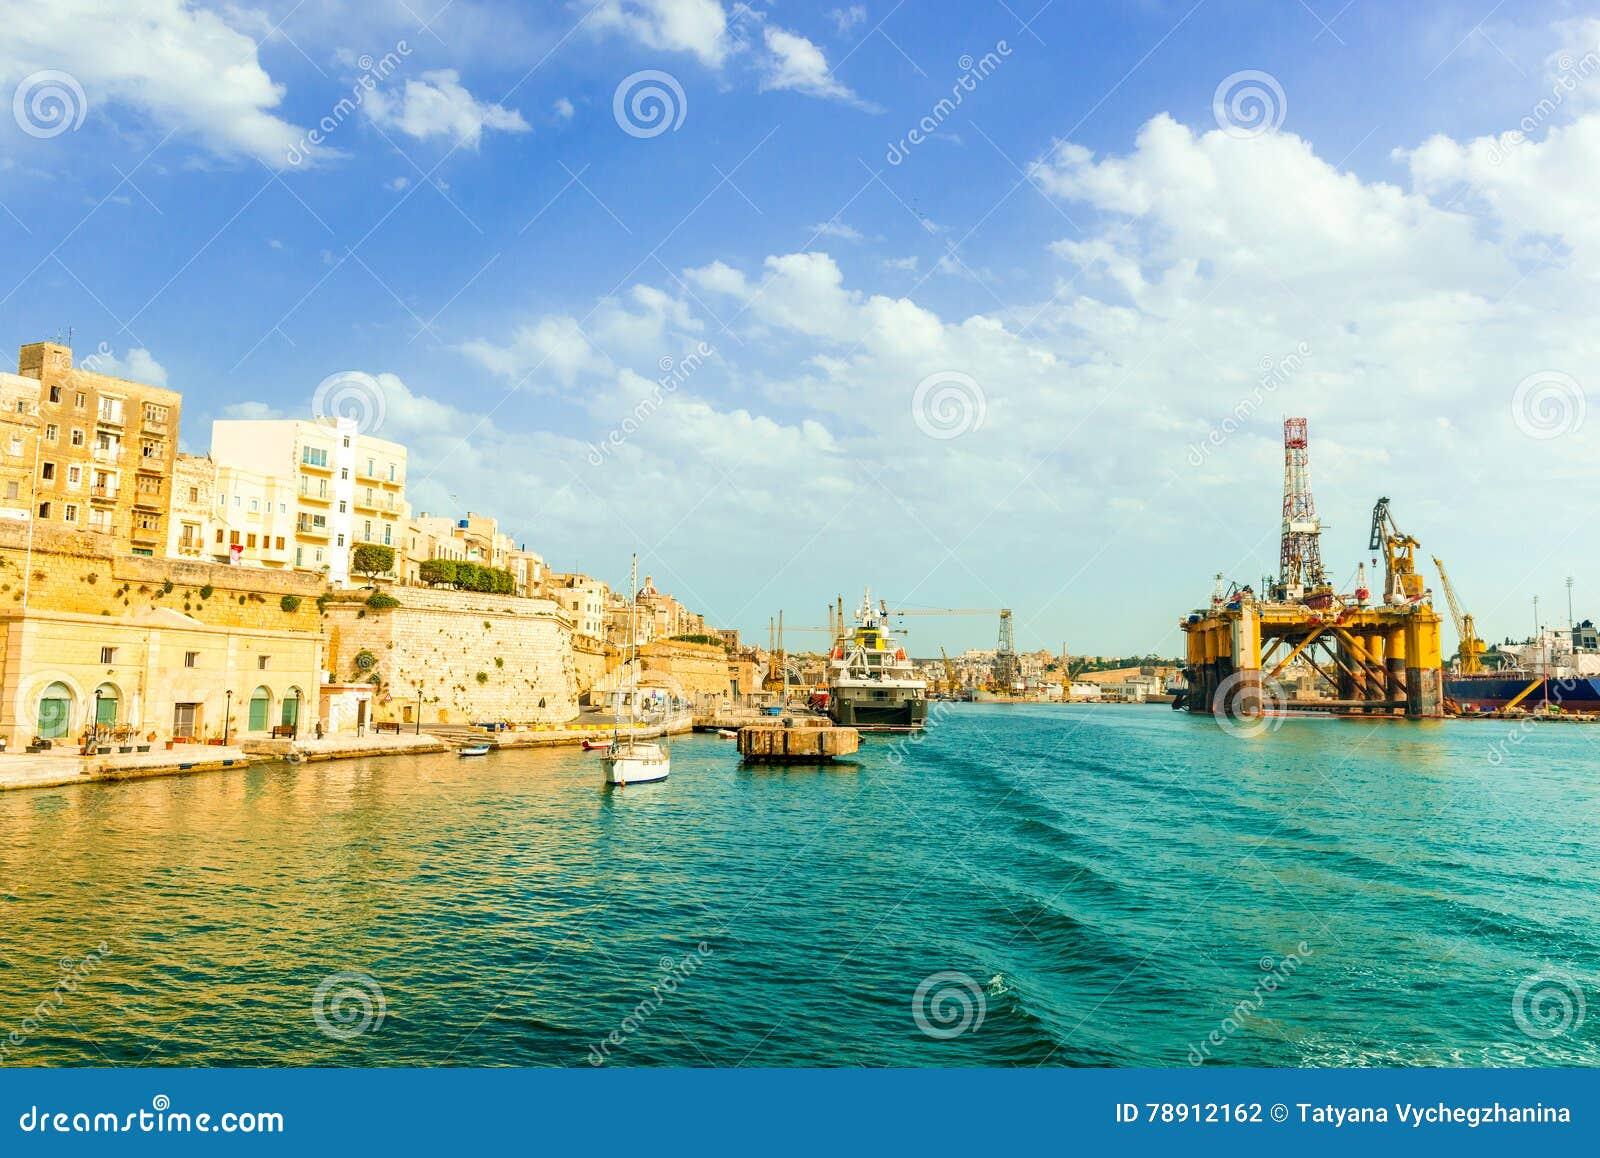 瓦莱塔和油浮动平台看法在马耳他海湾